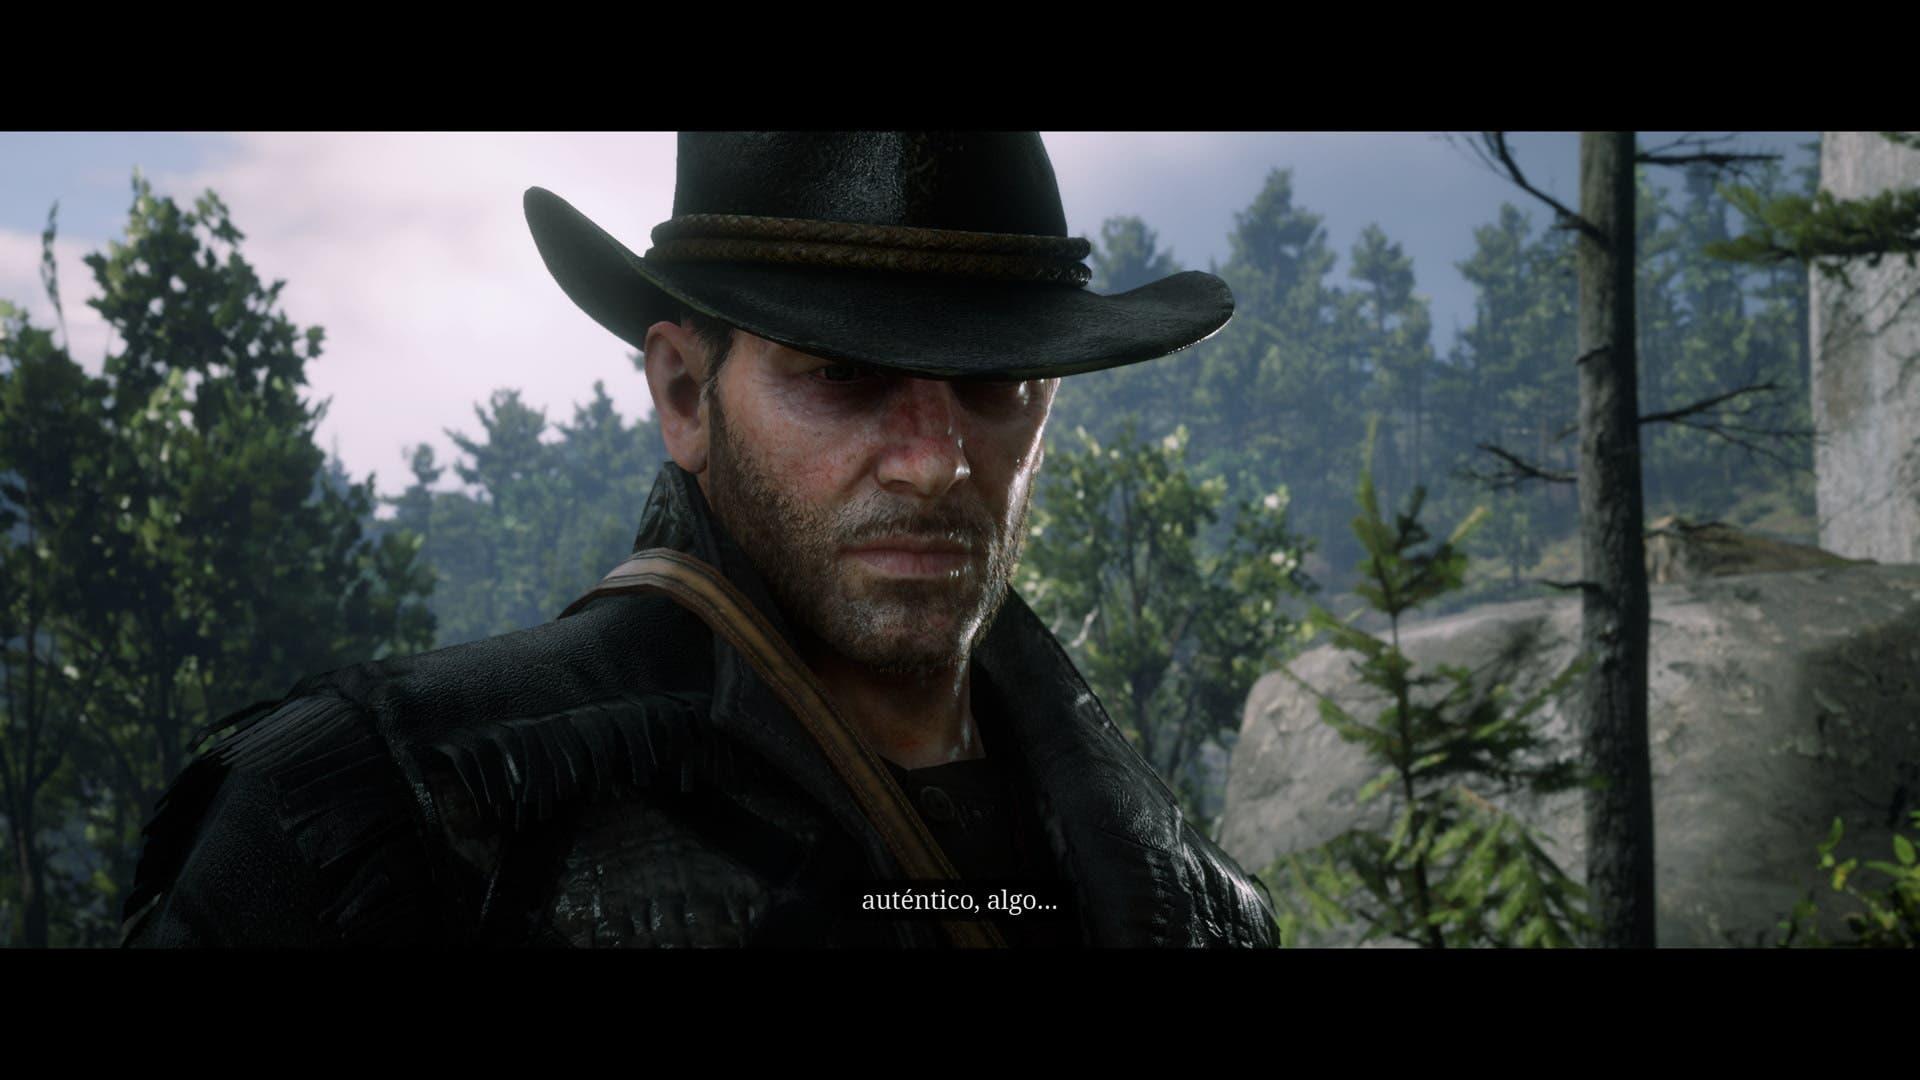 Red Dead Redemption 2: La redención a través de la empatía 5